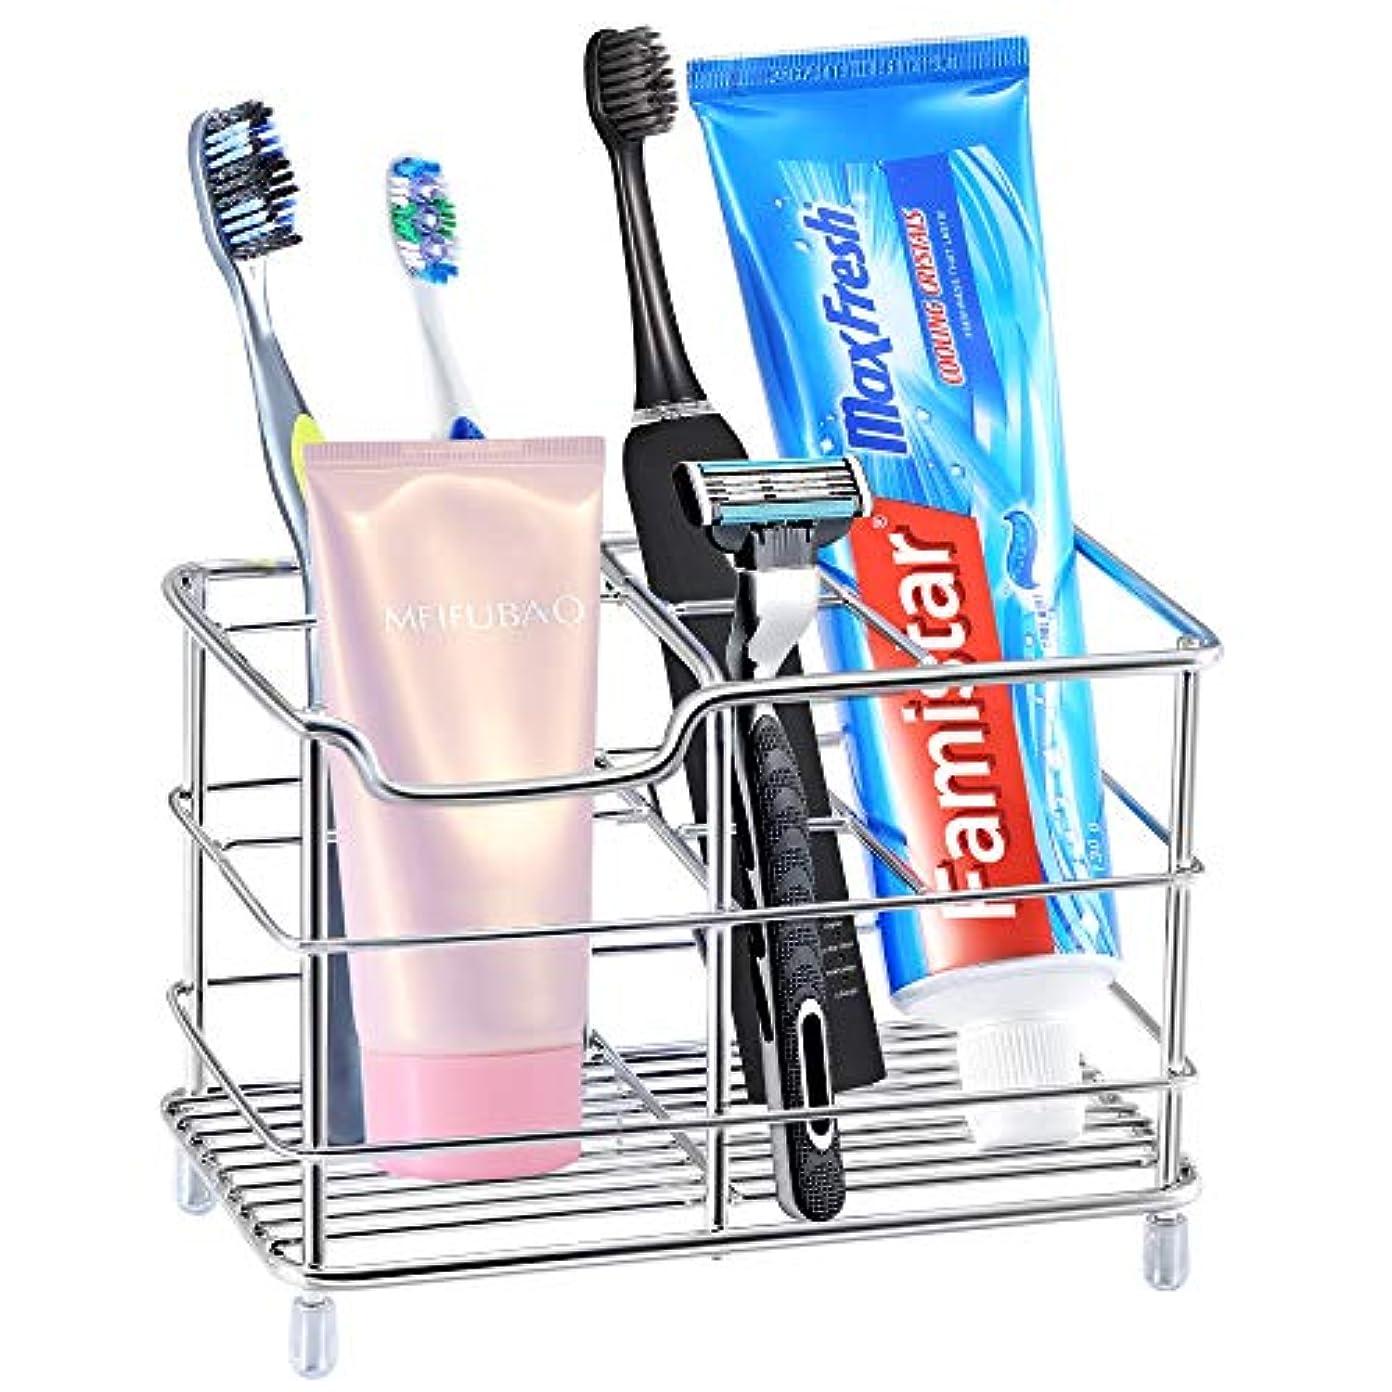 意図するスリラー五十歯ブラシホルダー、famistar XLステンレススチールバスルーム多機能ストレージスタンドfor電動歯ブラシ、歯磨き粉、クレンザー、コーム